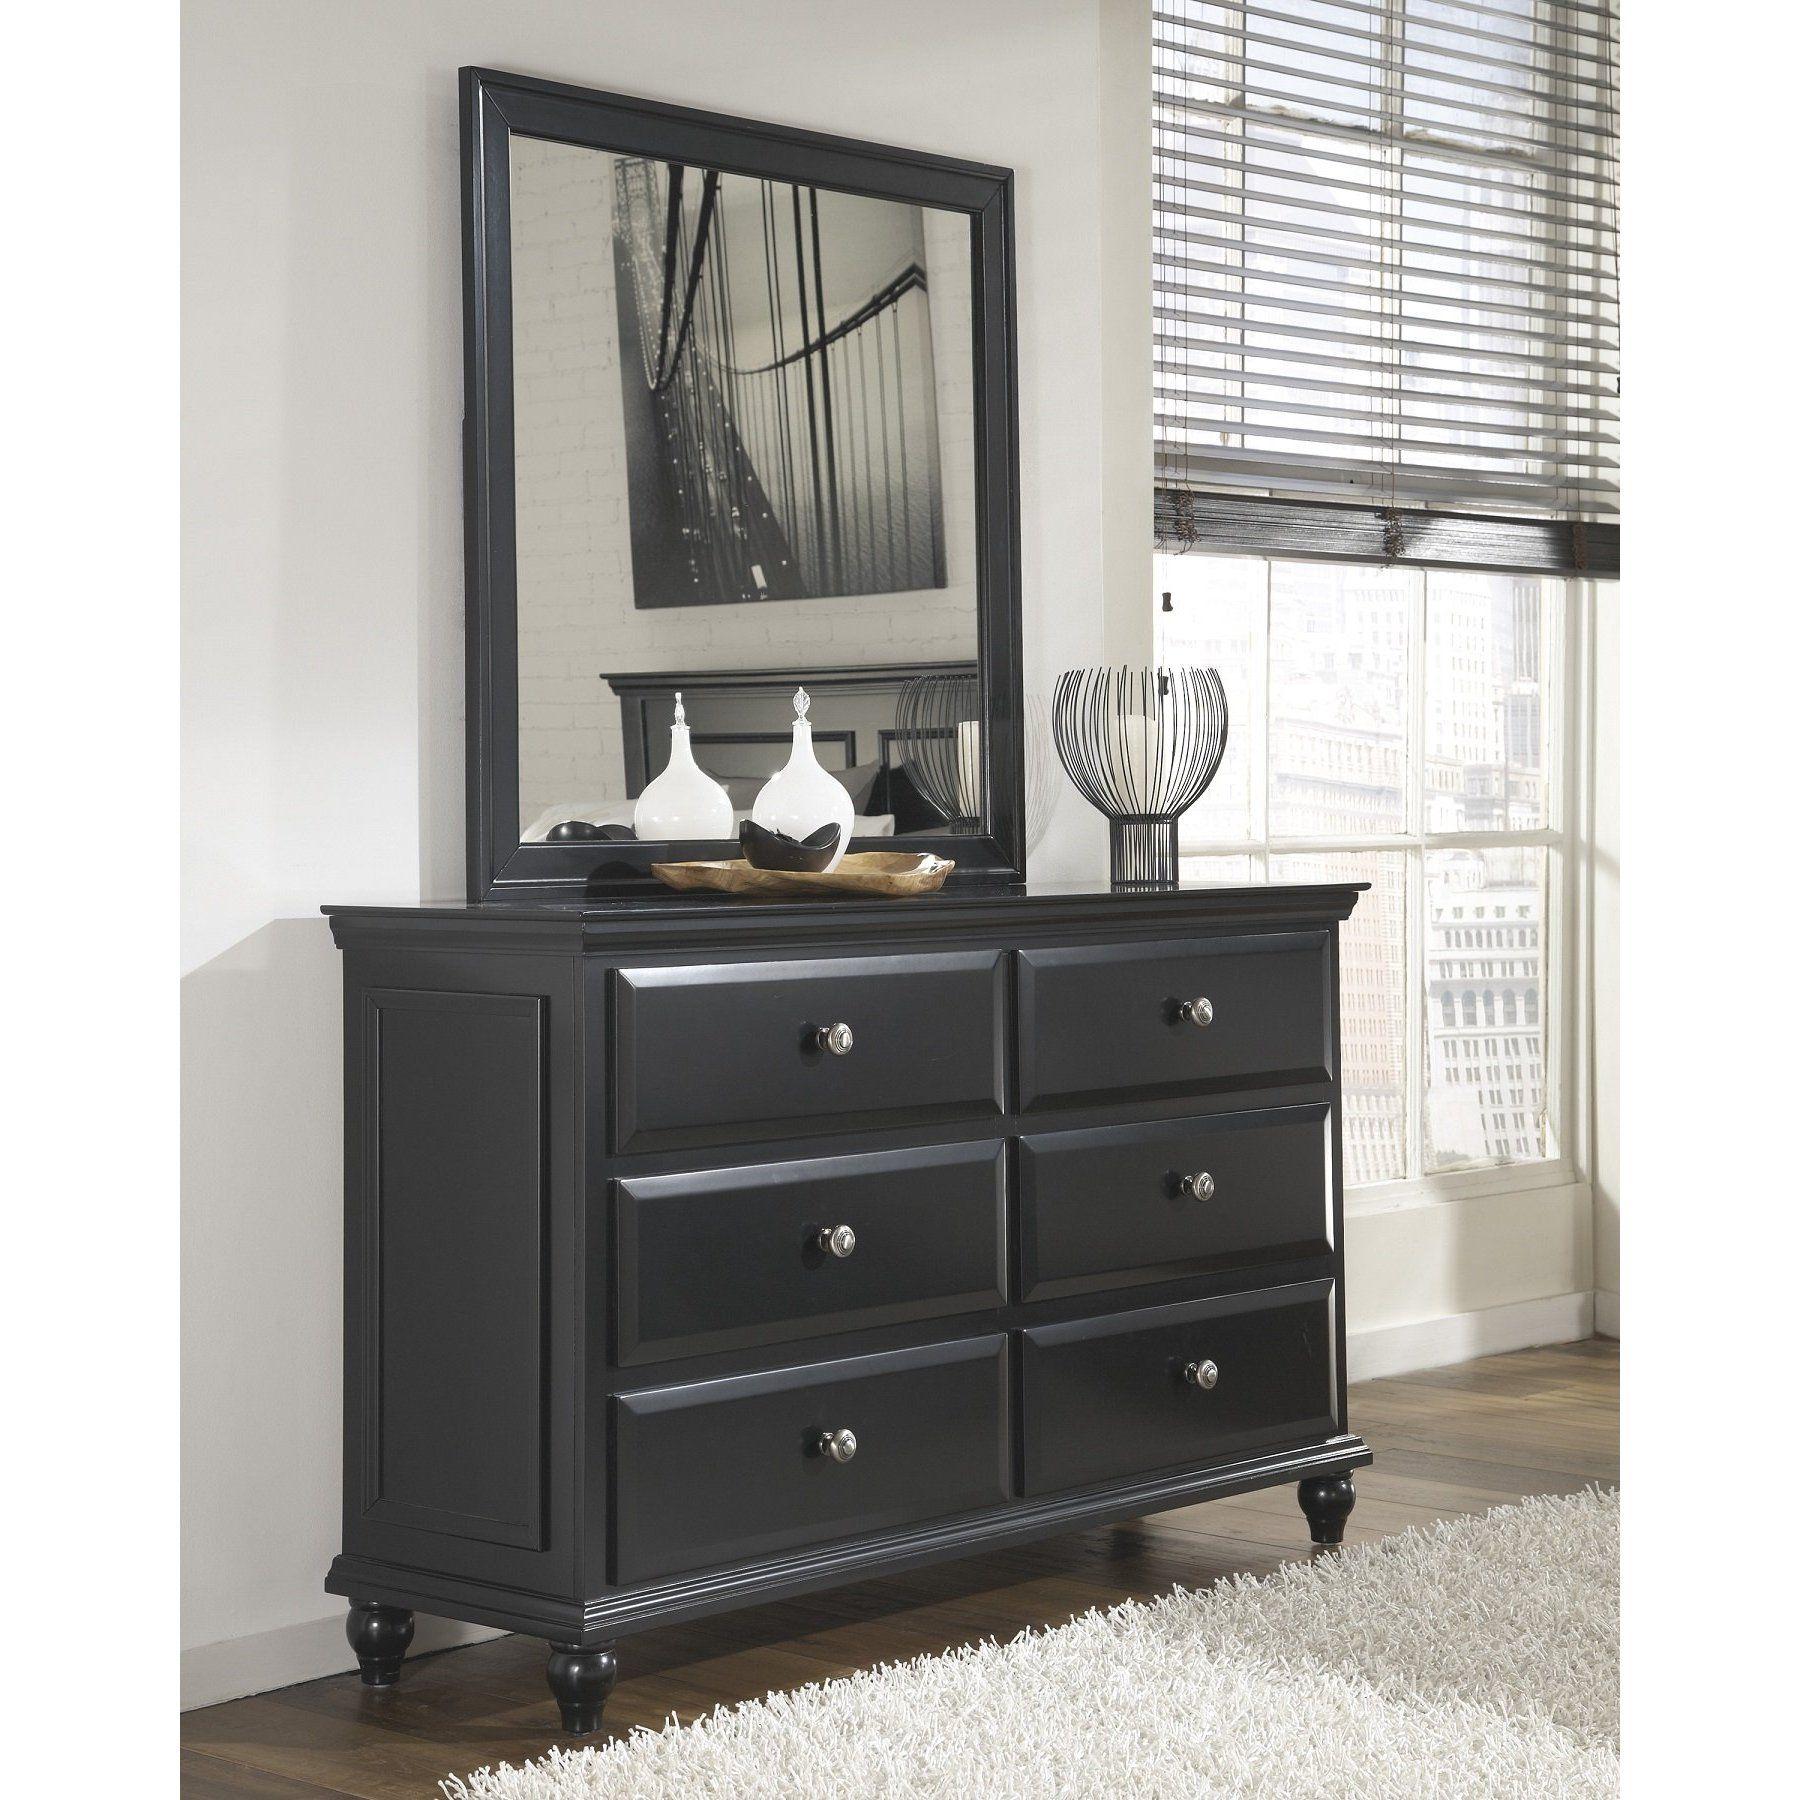 FurnitureMaxx Rustic Black Dresser Mirror Dressers